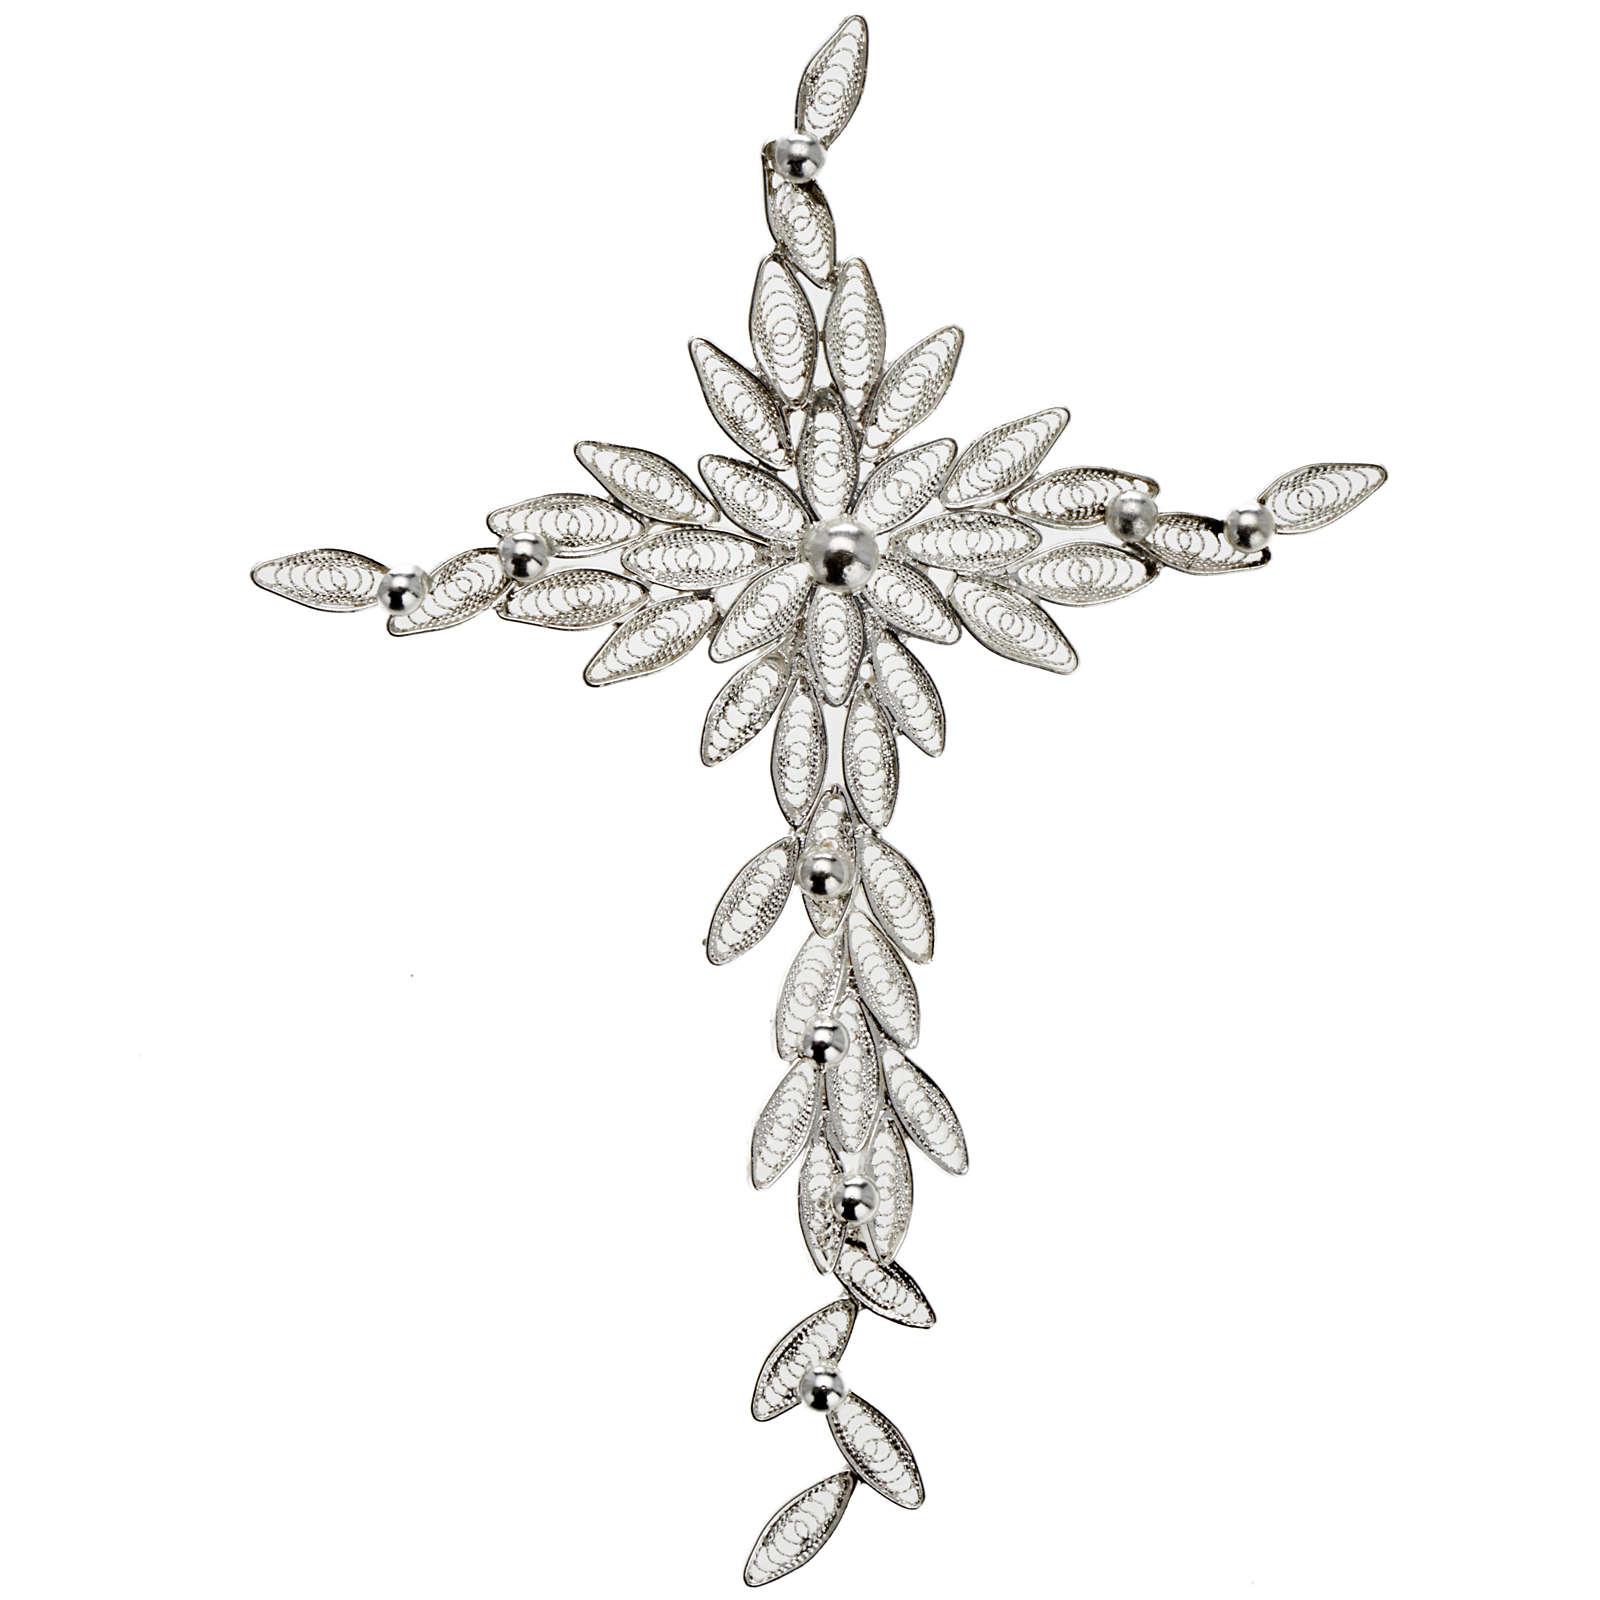 Pendentif croix stylisée filigrane argent 800 5,9 gr 4